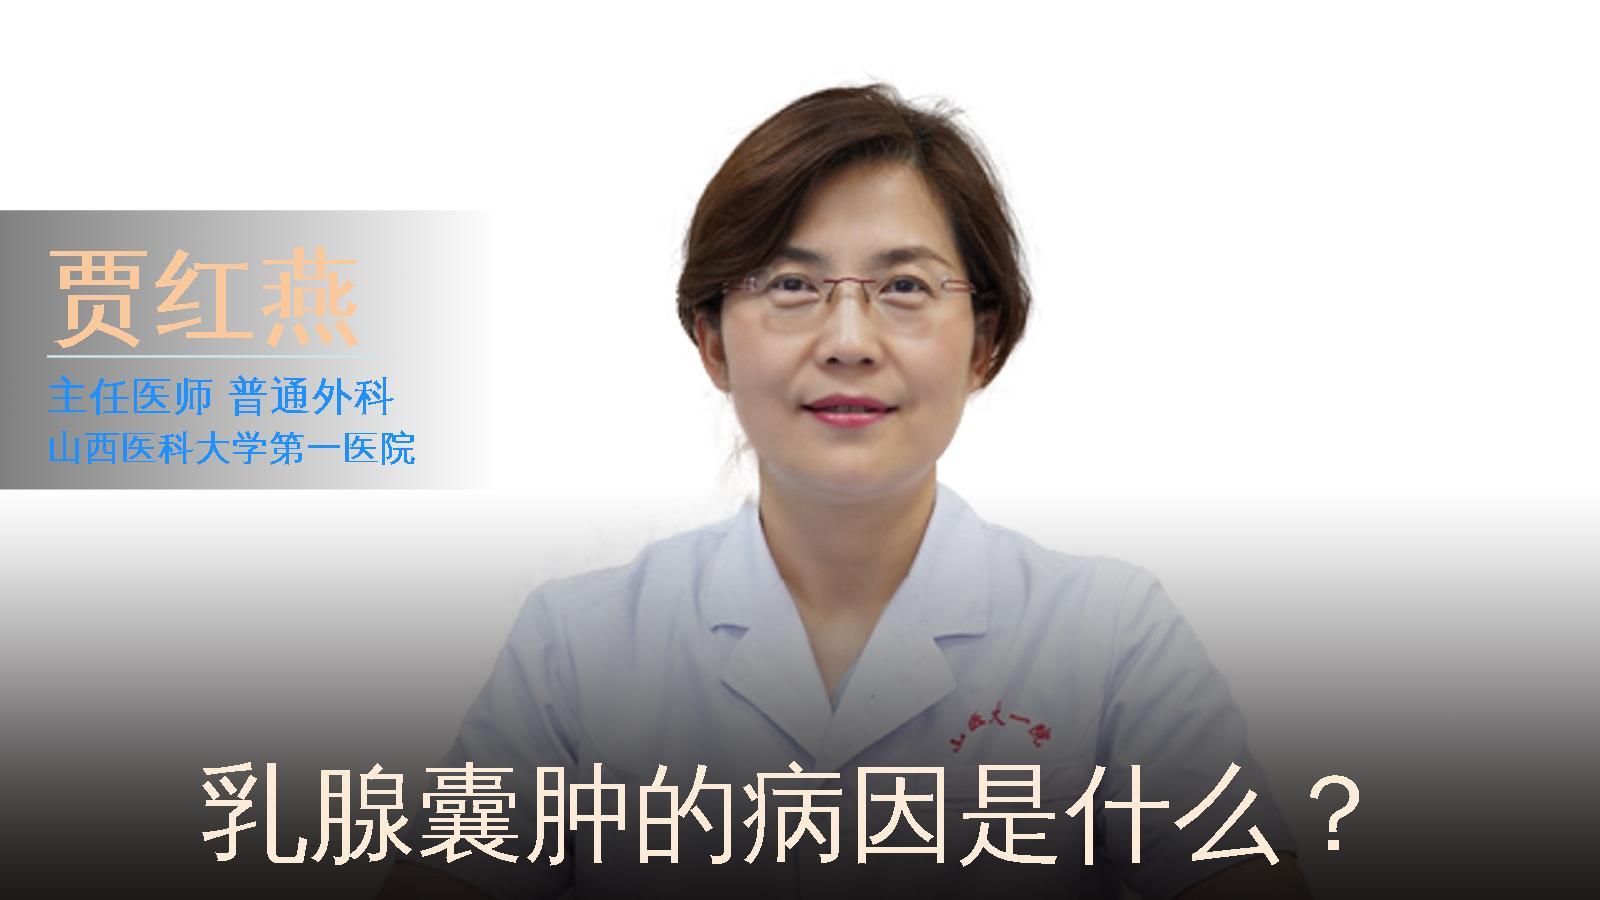 乳腺囊肿的病因是什么?